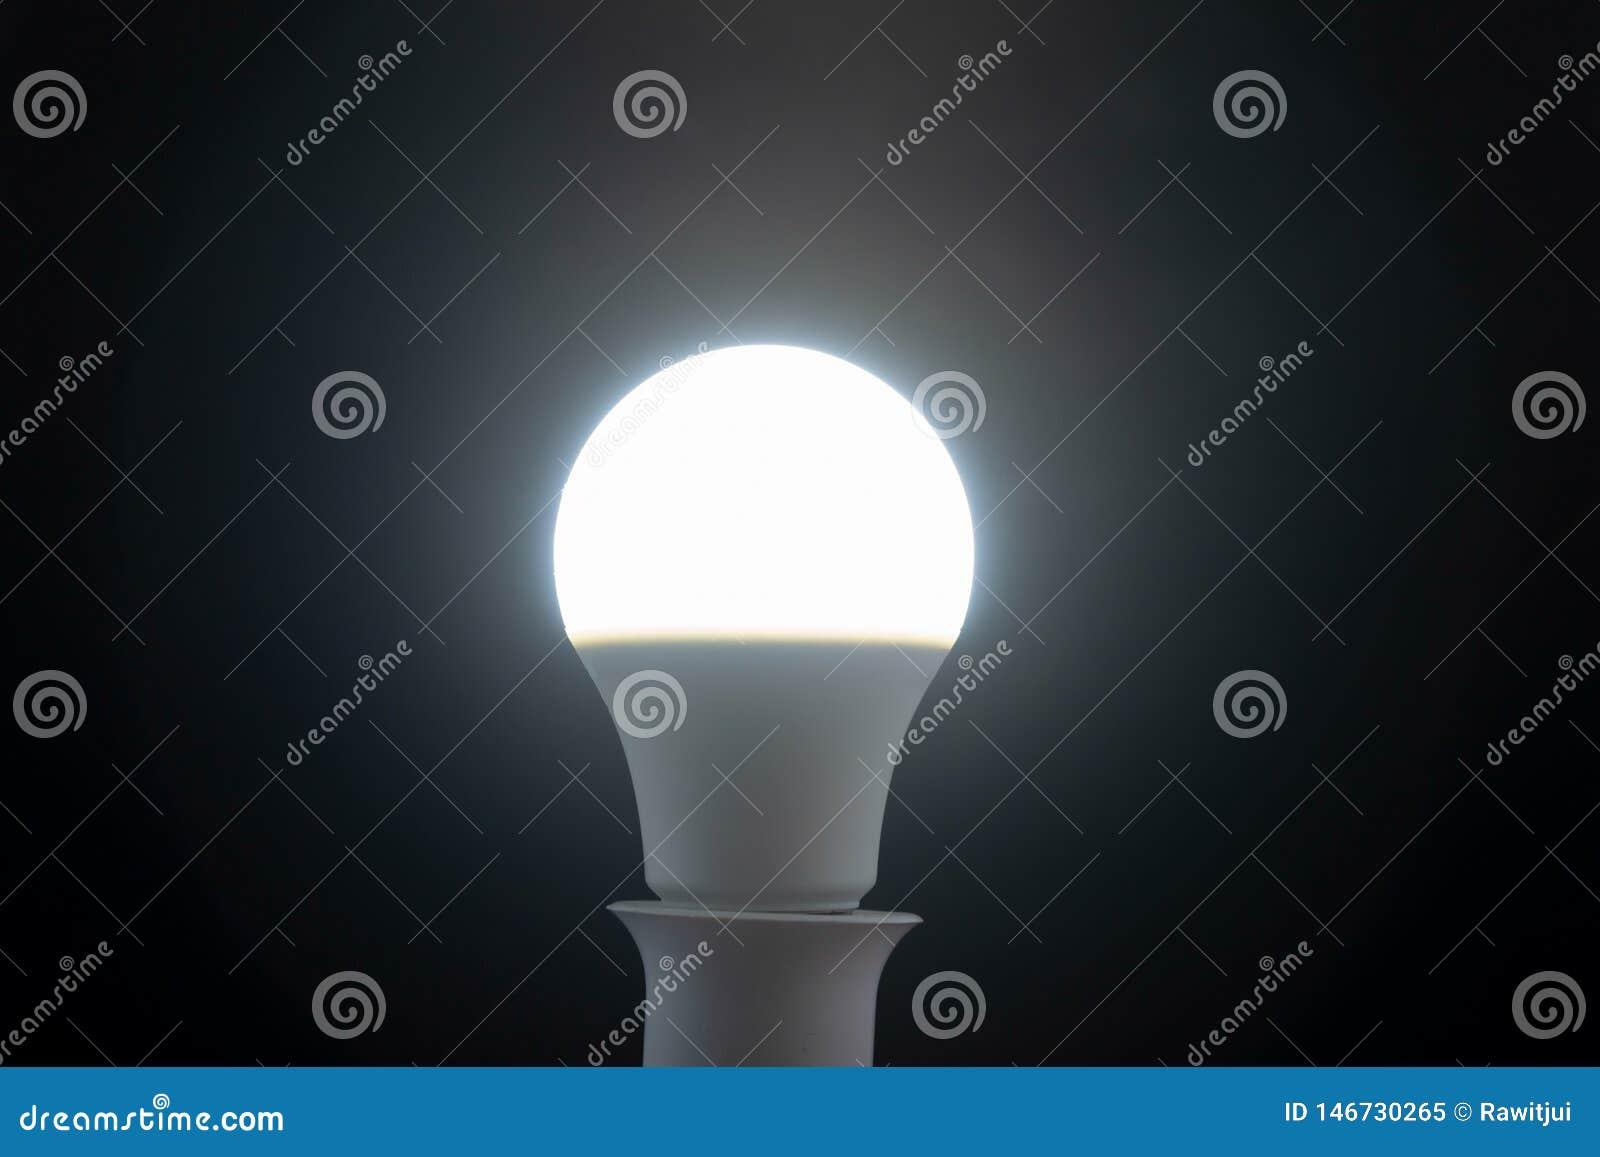 Daylight white led bulb on black background